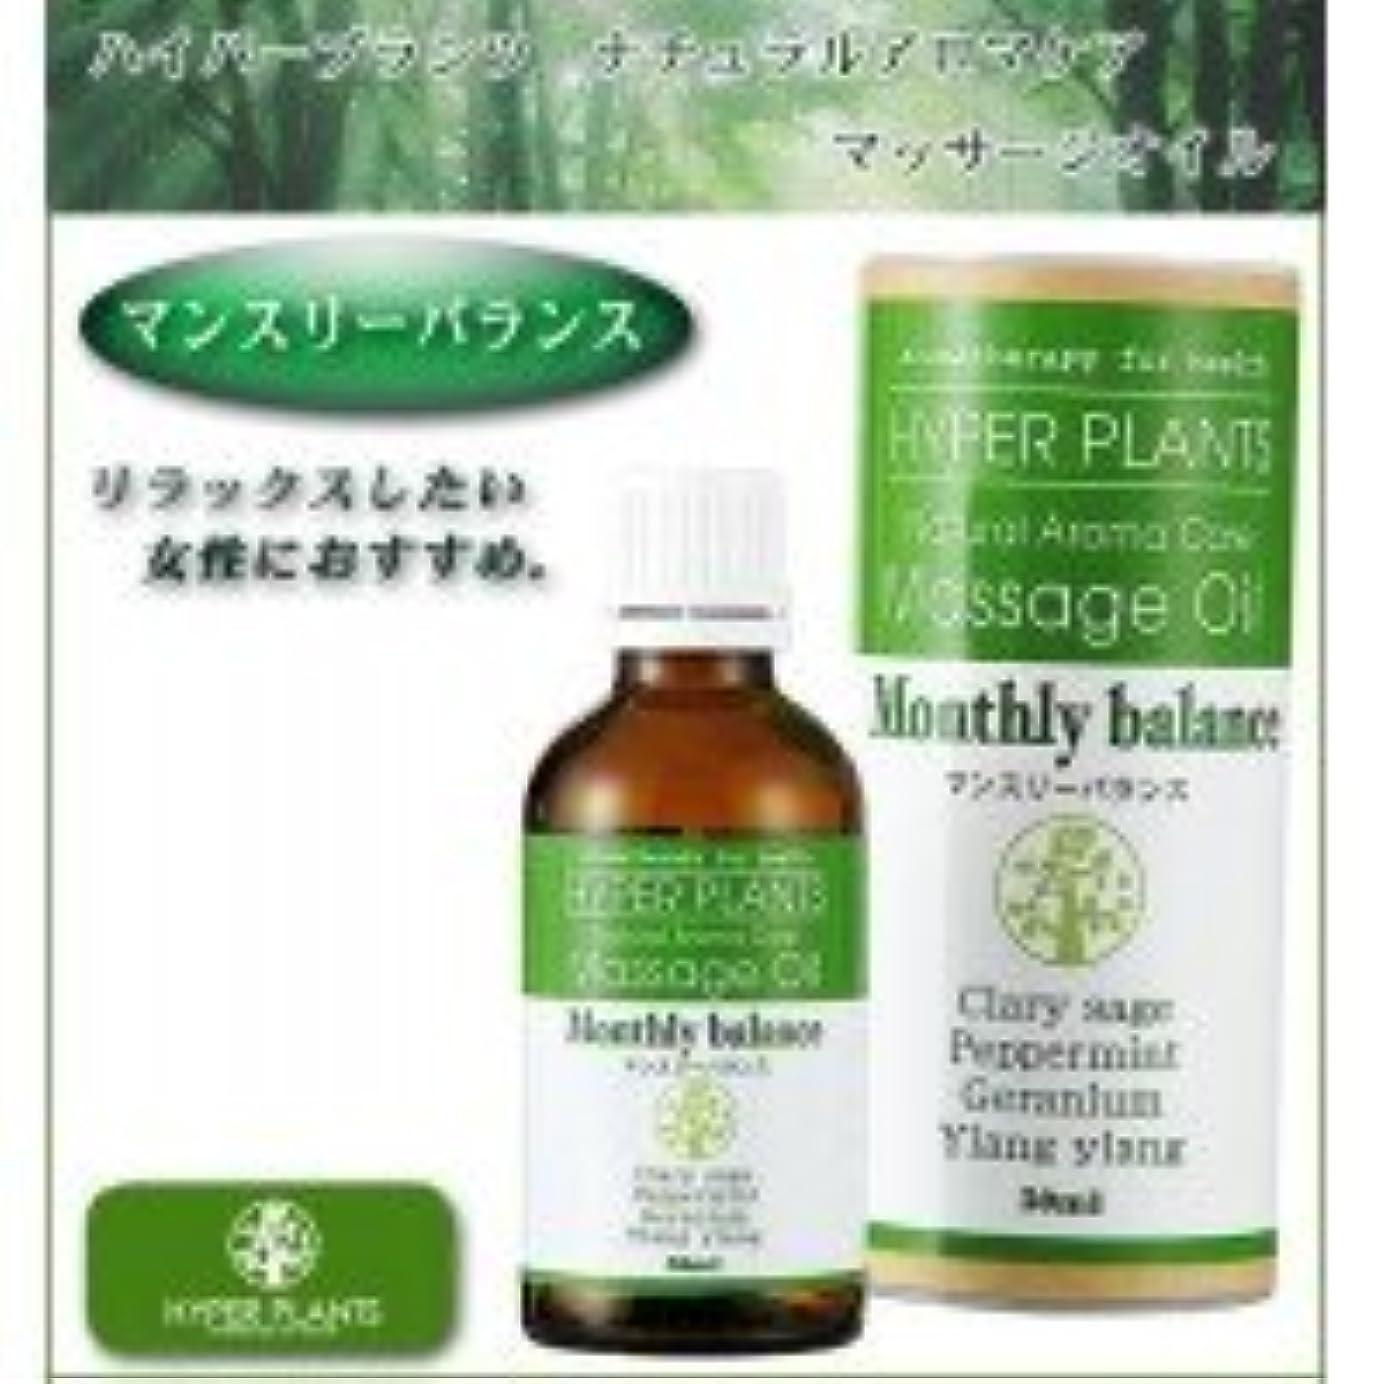 酸化物有益普遍的なHYPER PLANTS ハイパープランツ ナチュラルアロマケア マッサージオイル マンスリーバランス 50ml HNM005